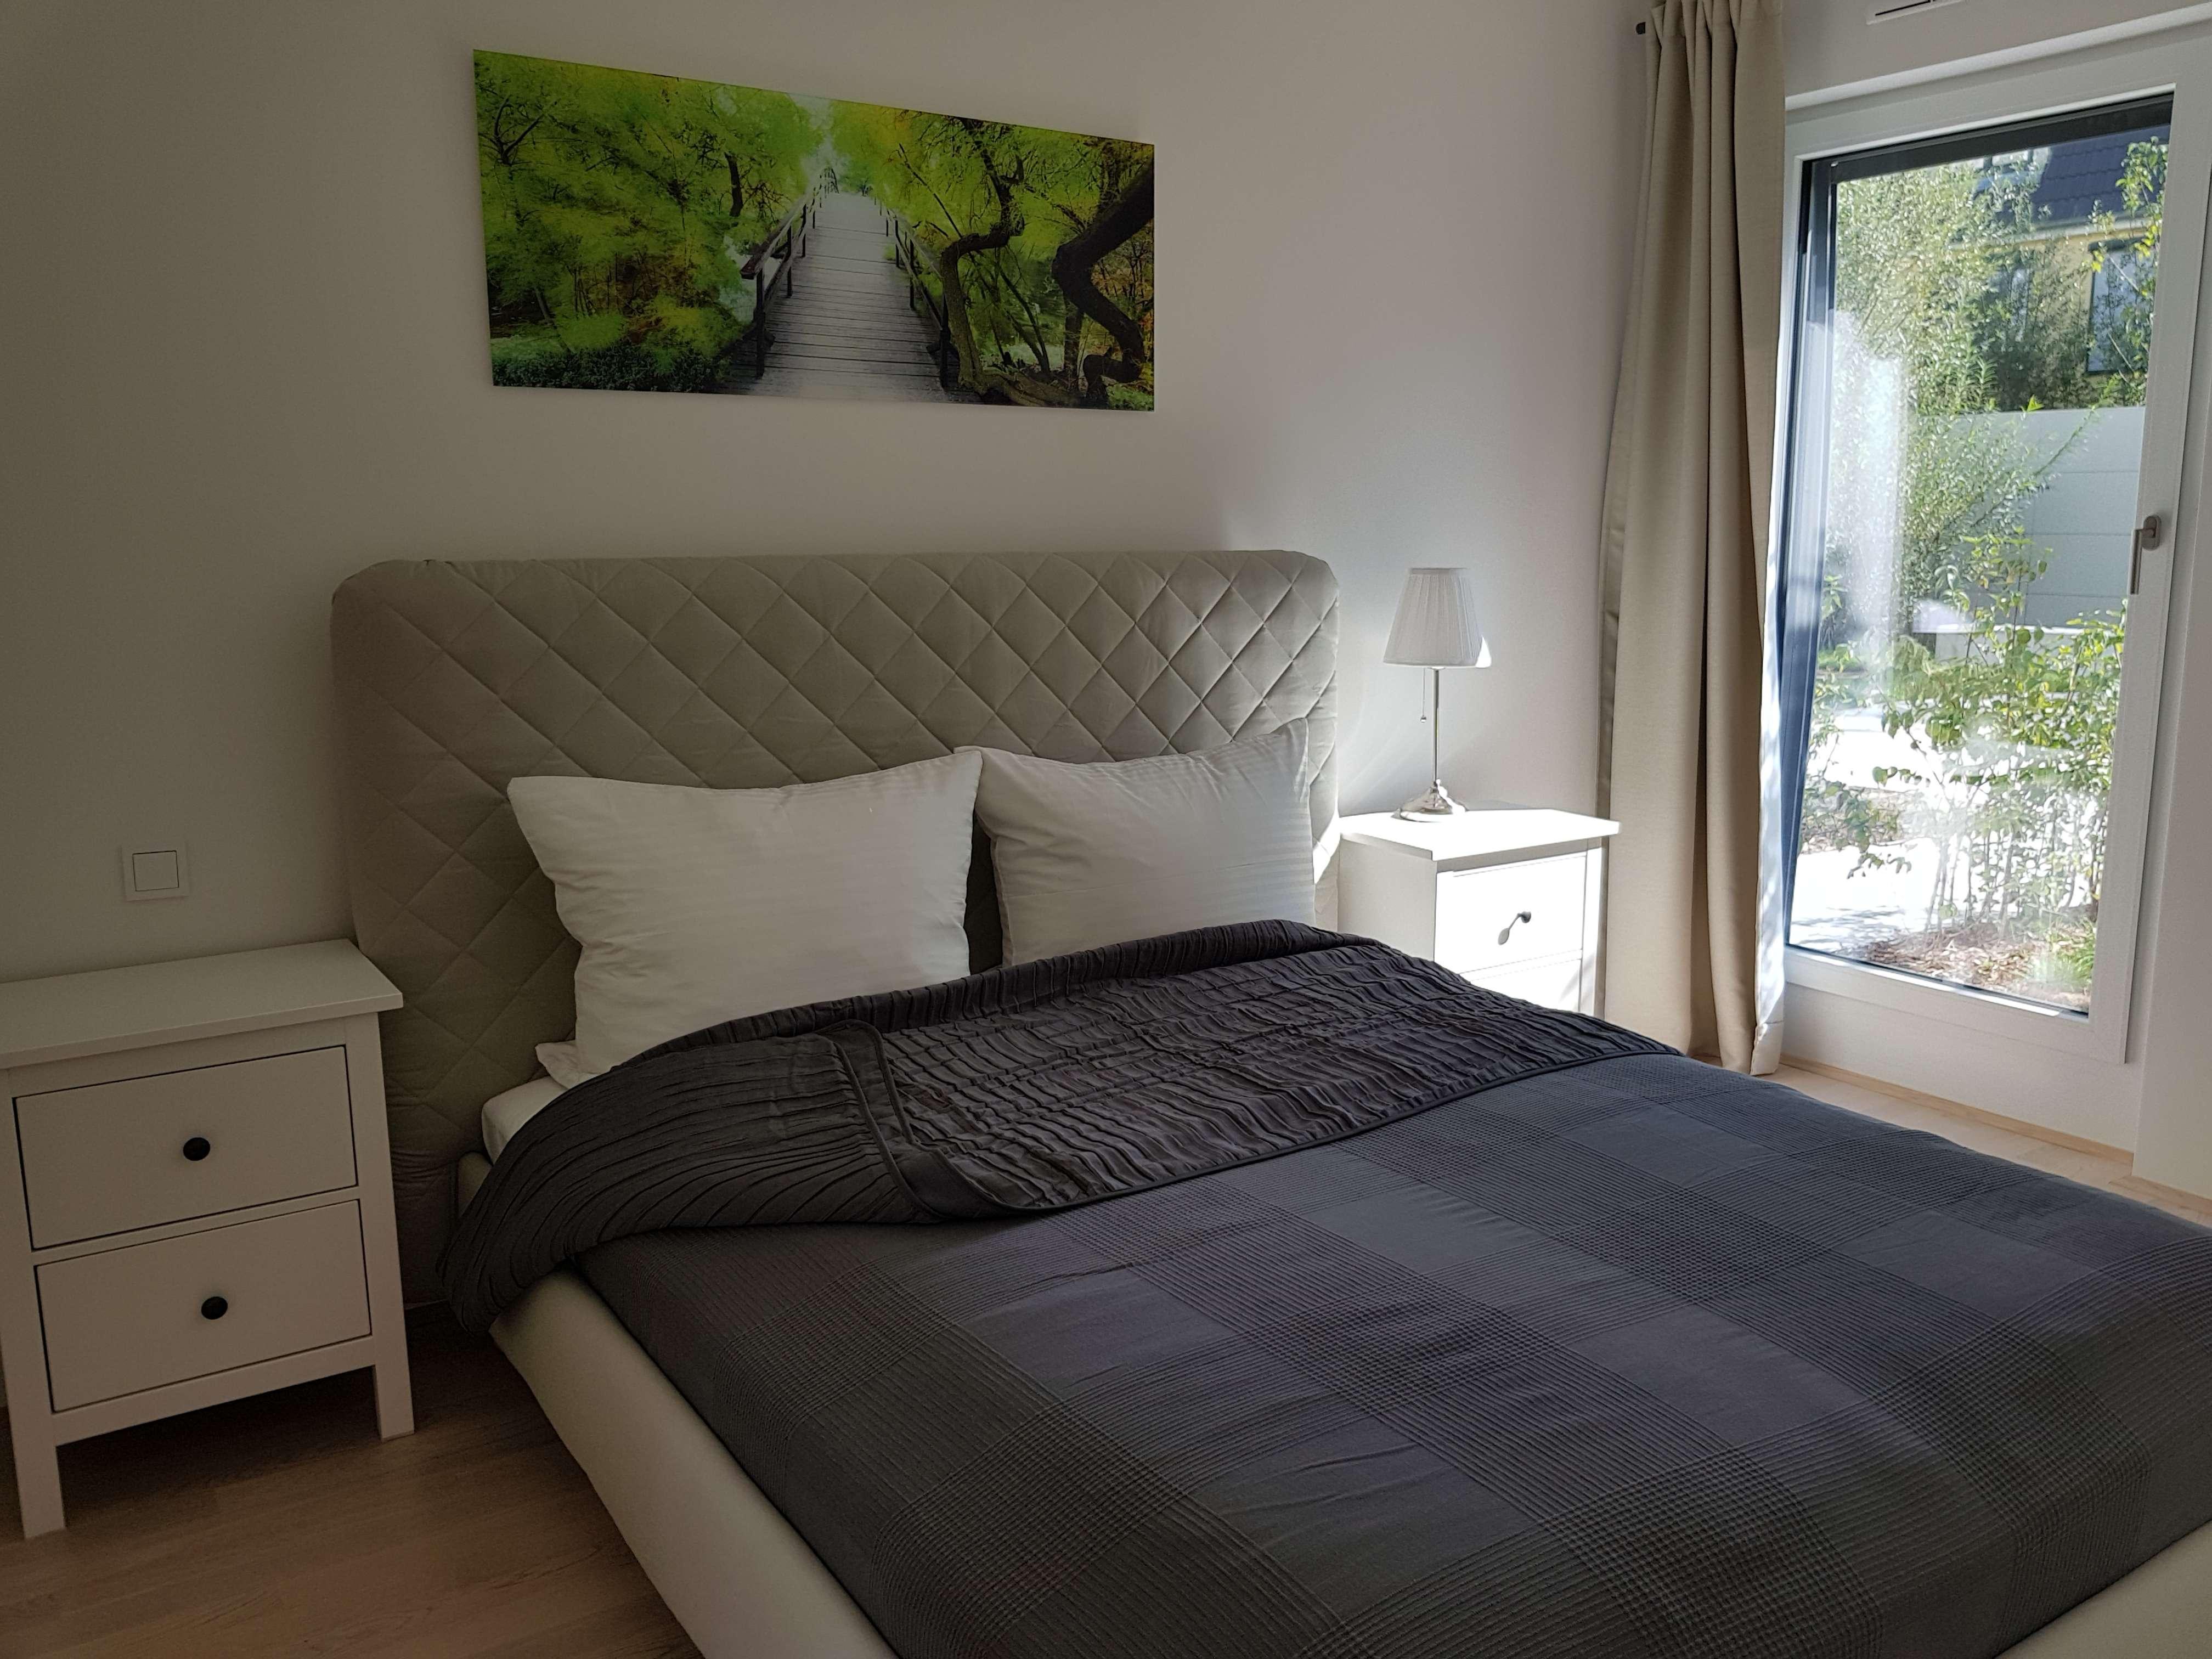 Sehr schöne möblierte 2-Zimmer-Wohnung in München Bogenhausen